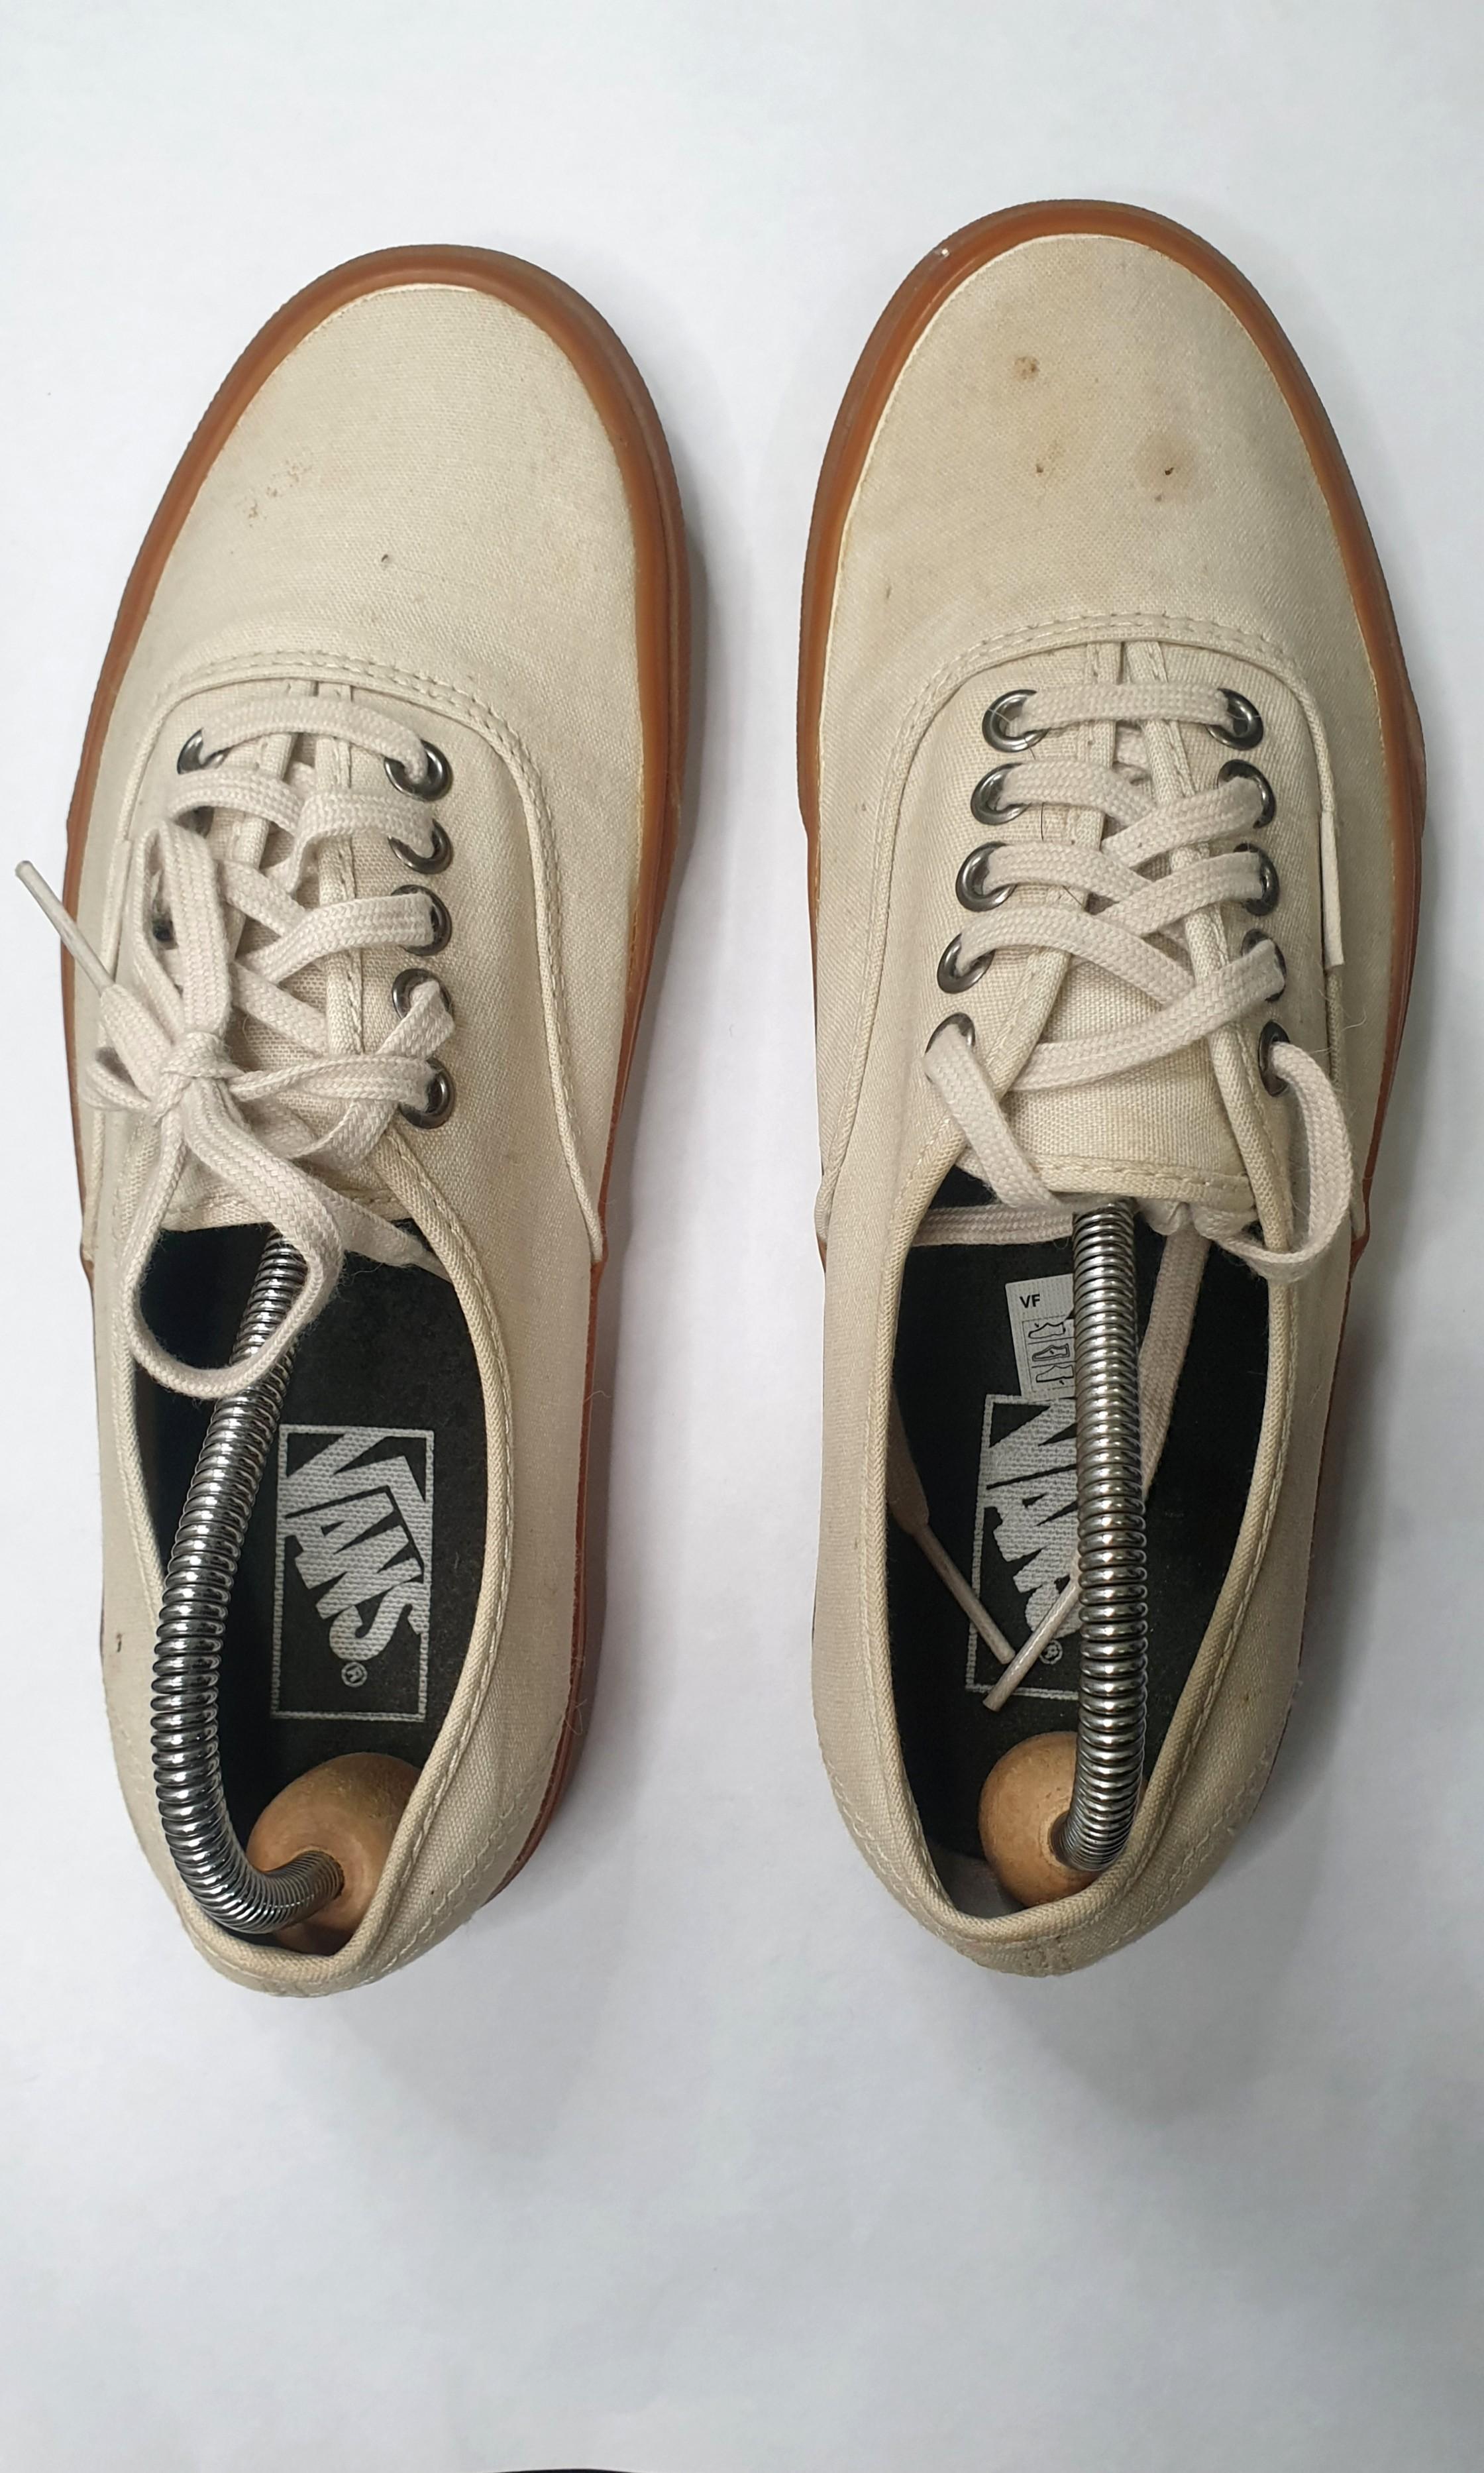 Vans authentic old skool cream and gum sole, Men's Fashion ...